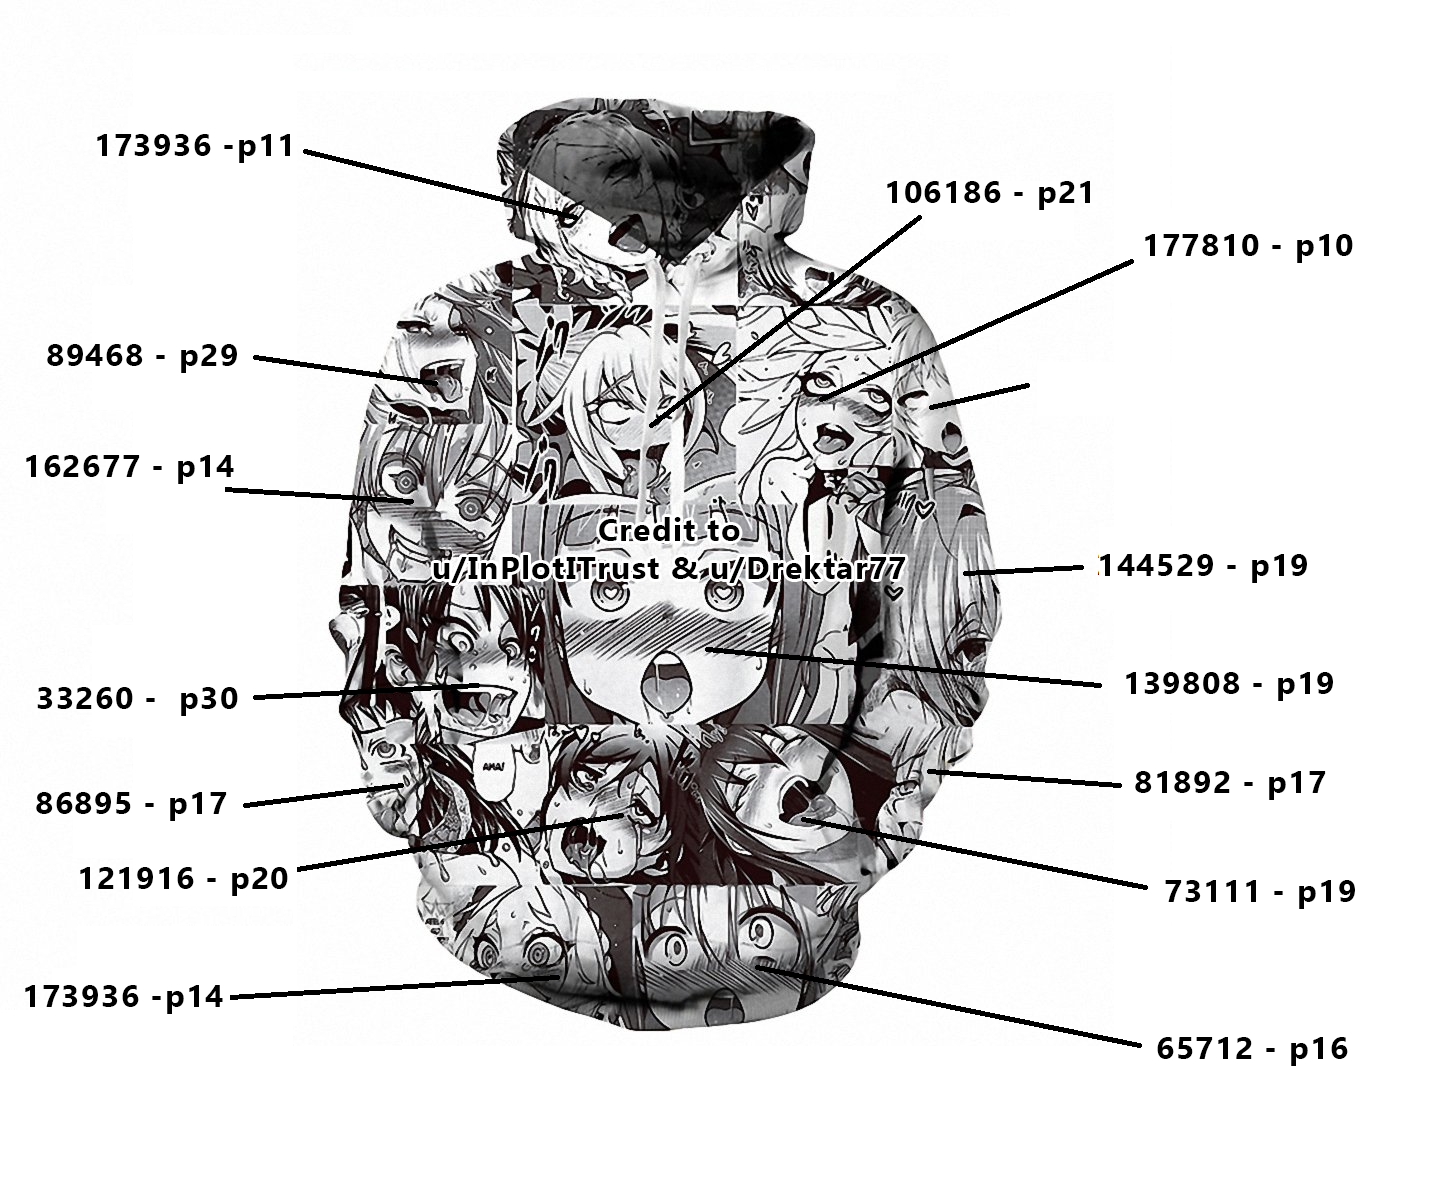 Ahega ahegao hoodie nhentai source numbers (original / correct